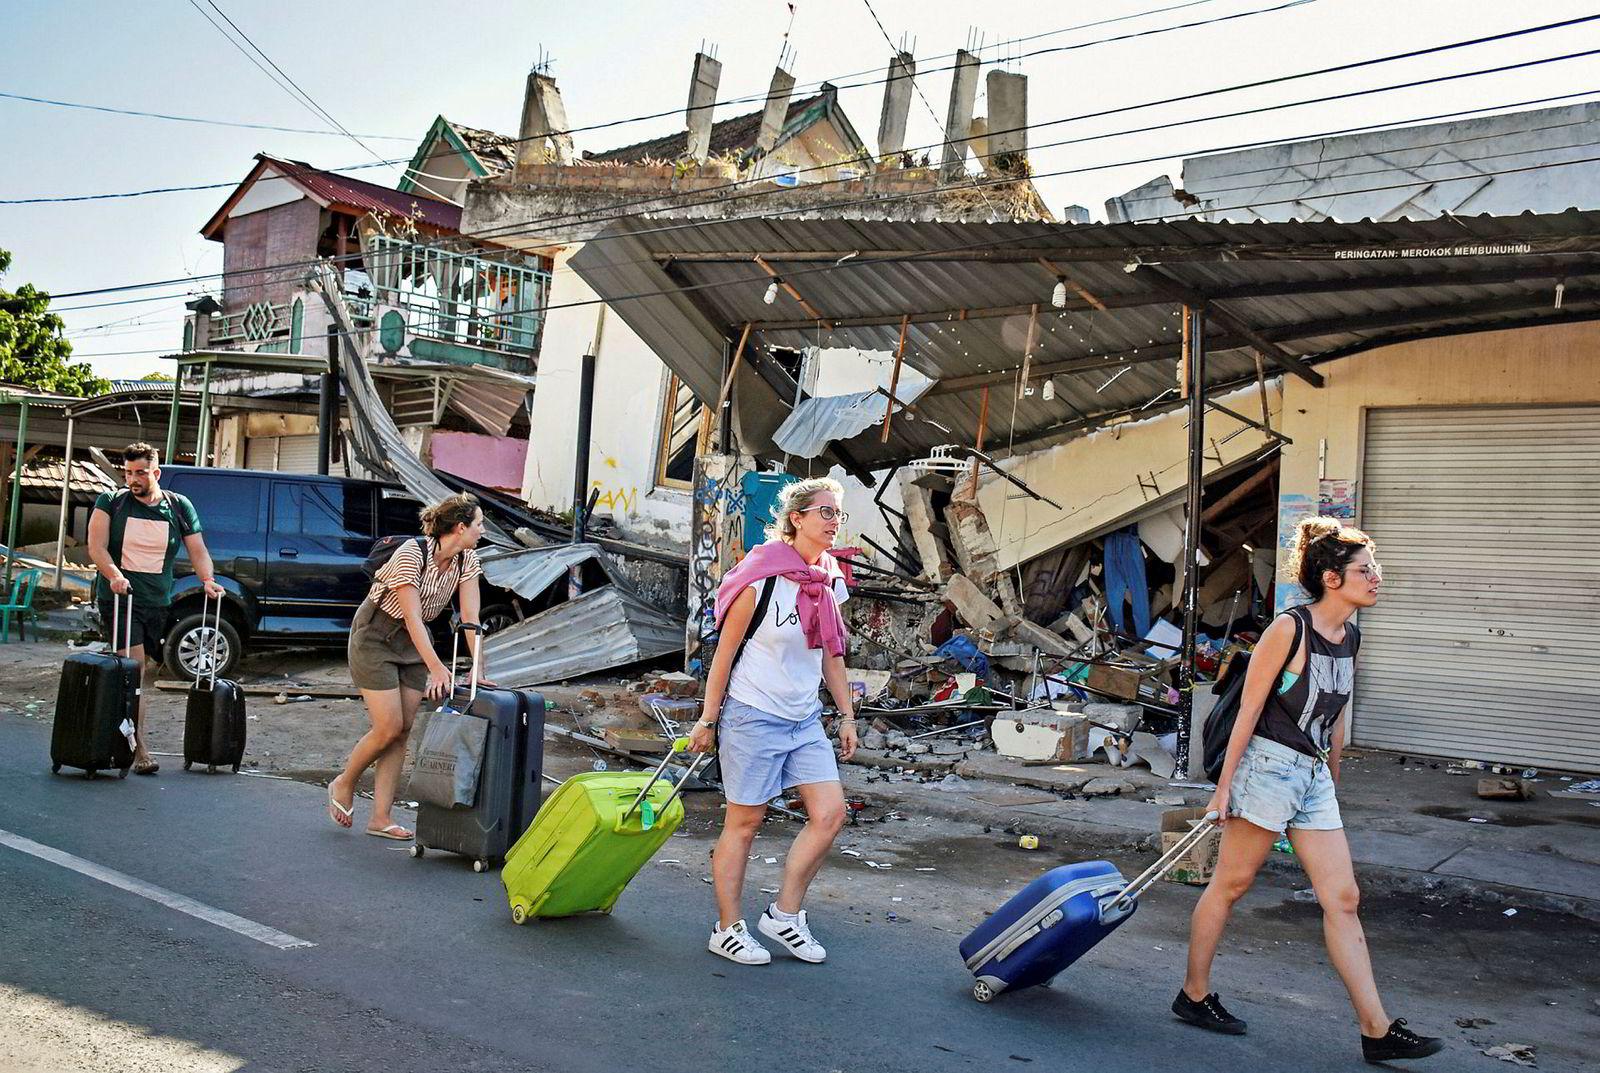 Utenlandske turister passerer raserte bygninger etter jordskjelvet i Pemenang på Lombok. Nesten 160.000 mennesker er blitt hjemløse som følge av søndagens skjelv, og tusenvis av turister har forlatt Lombok og naboøyene de siste dagene av frykt for nye skjelv.